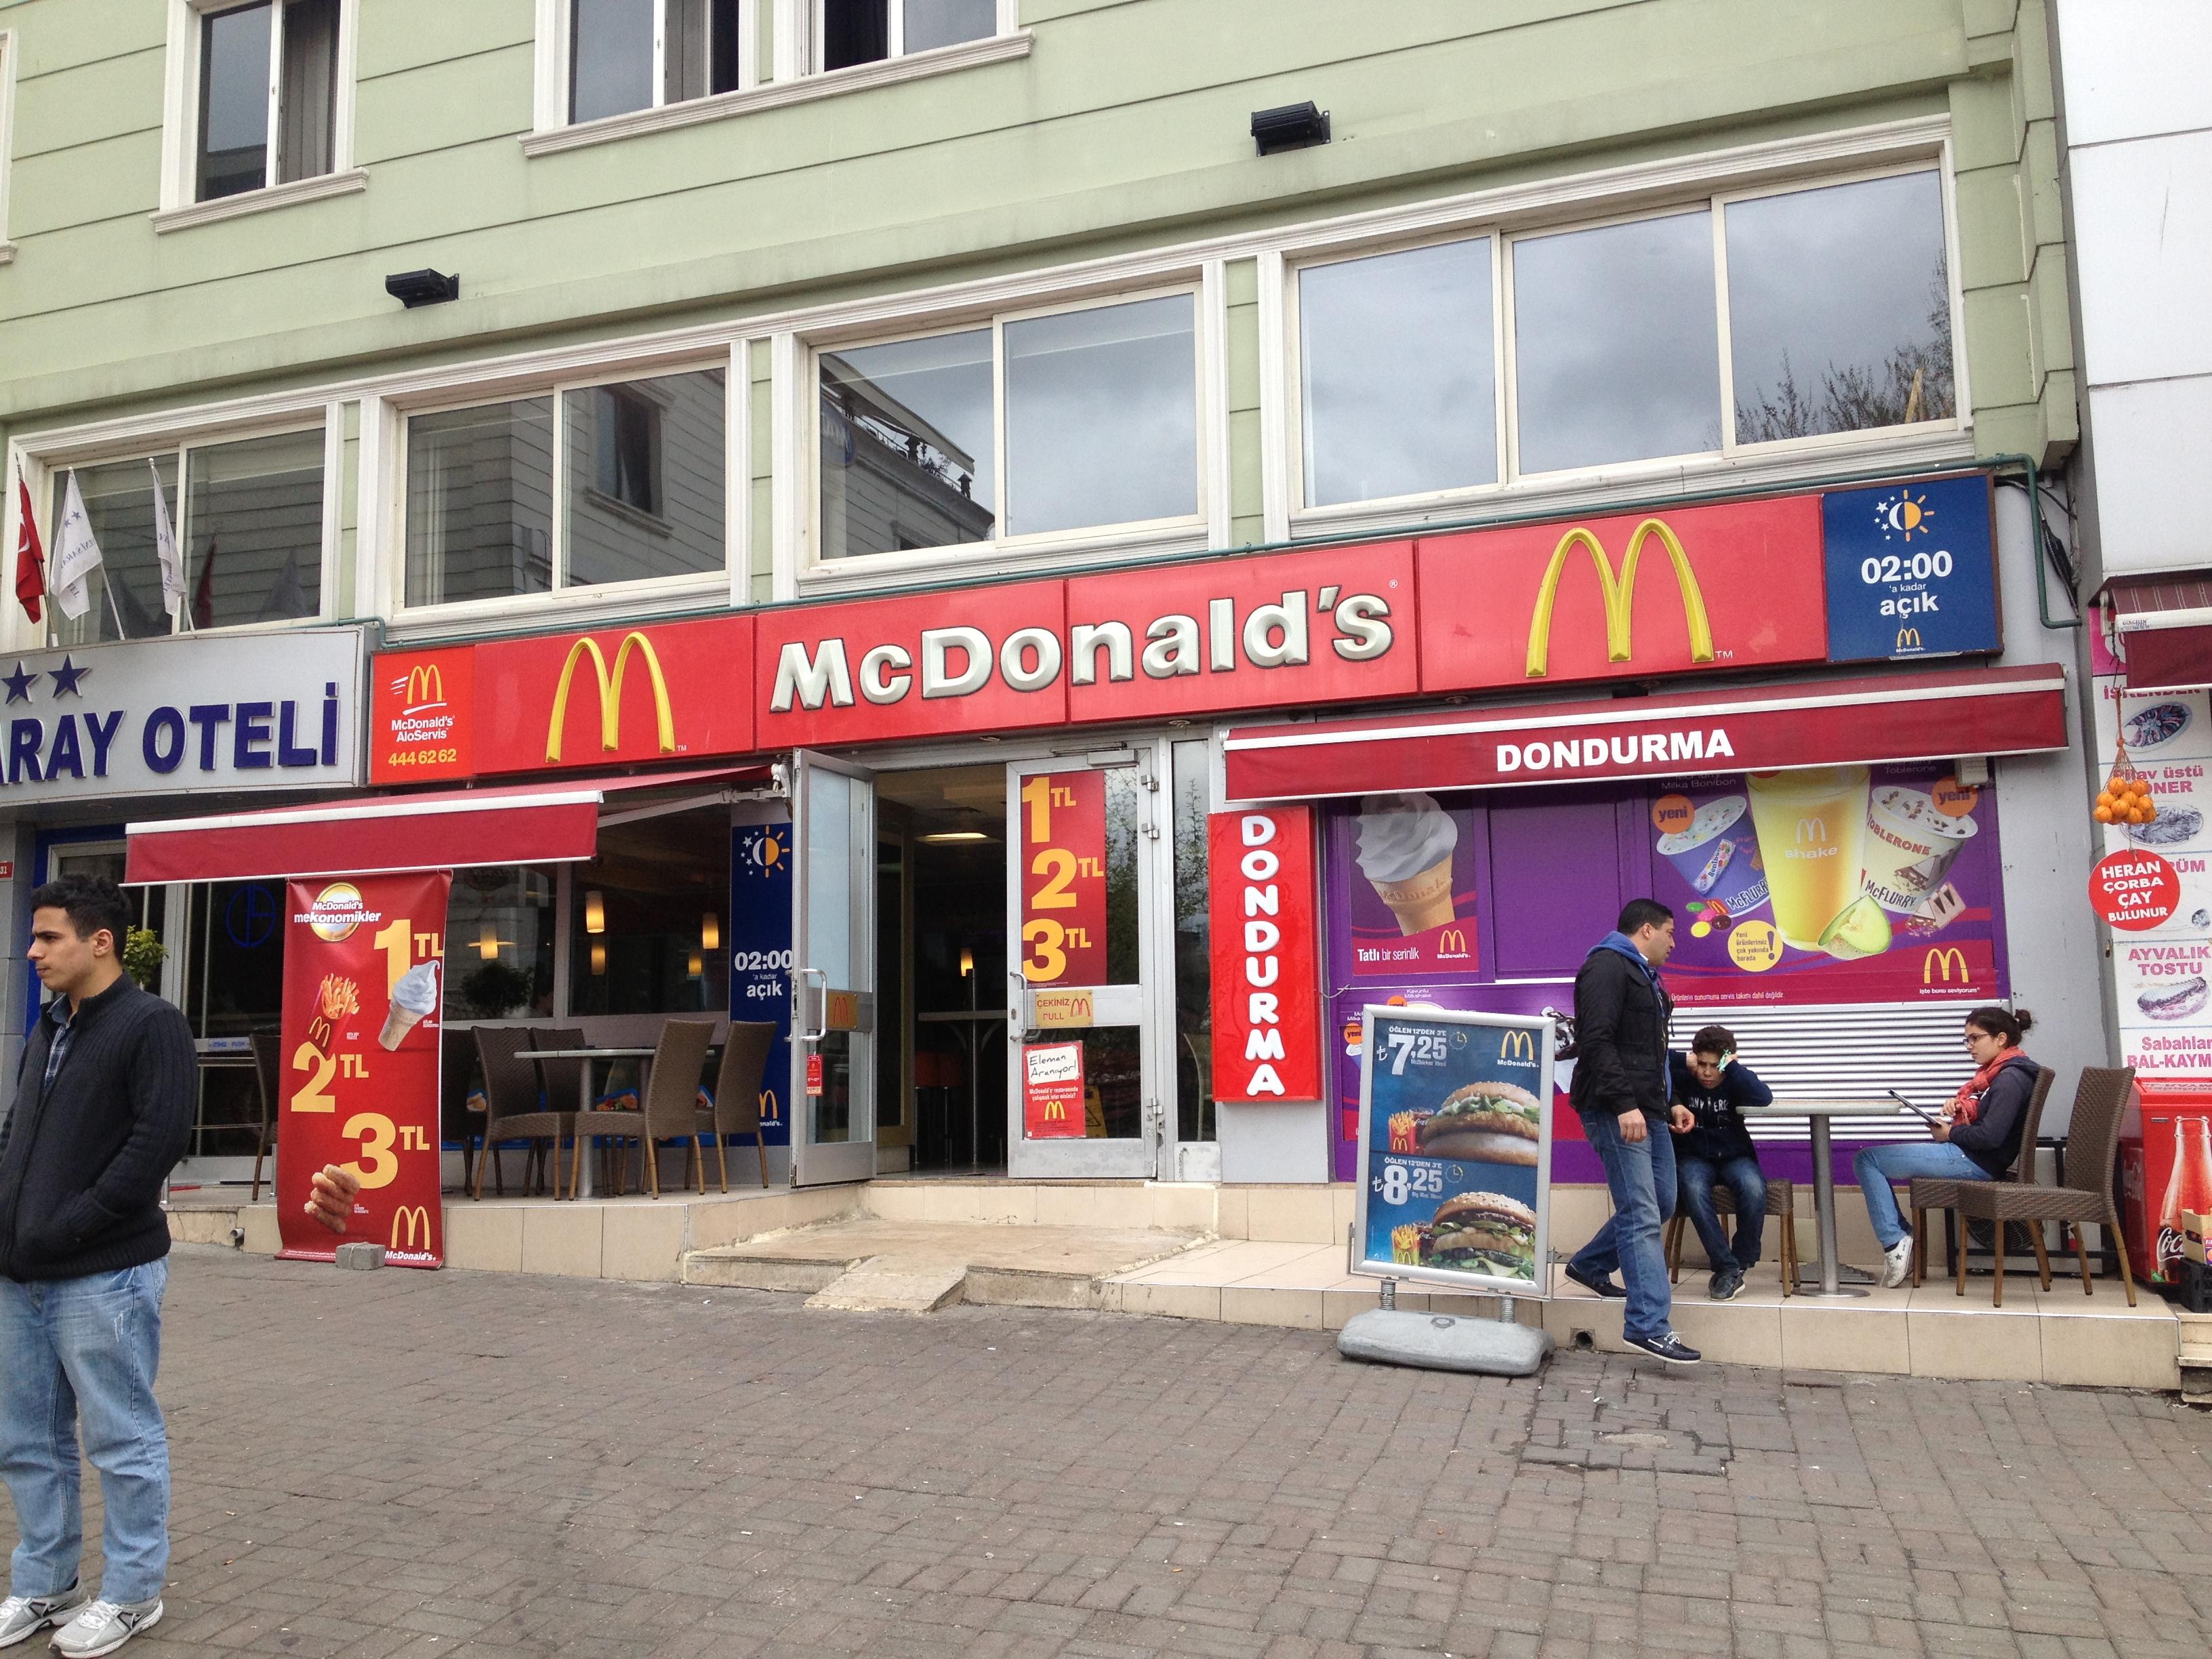 När vi tog färjan över till asiatiska sidan var jag spänd över att få se blågula McDonalds, eftersom jag hört att McDonalds i Istanbul är de enda McDonalds som inte är rödgula. Anledningen är att Galatasary är rödgula och Fenerbache (asiatiska sidans lag) är blågula. Men så besviken jag blev tills..